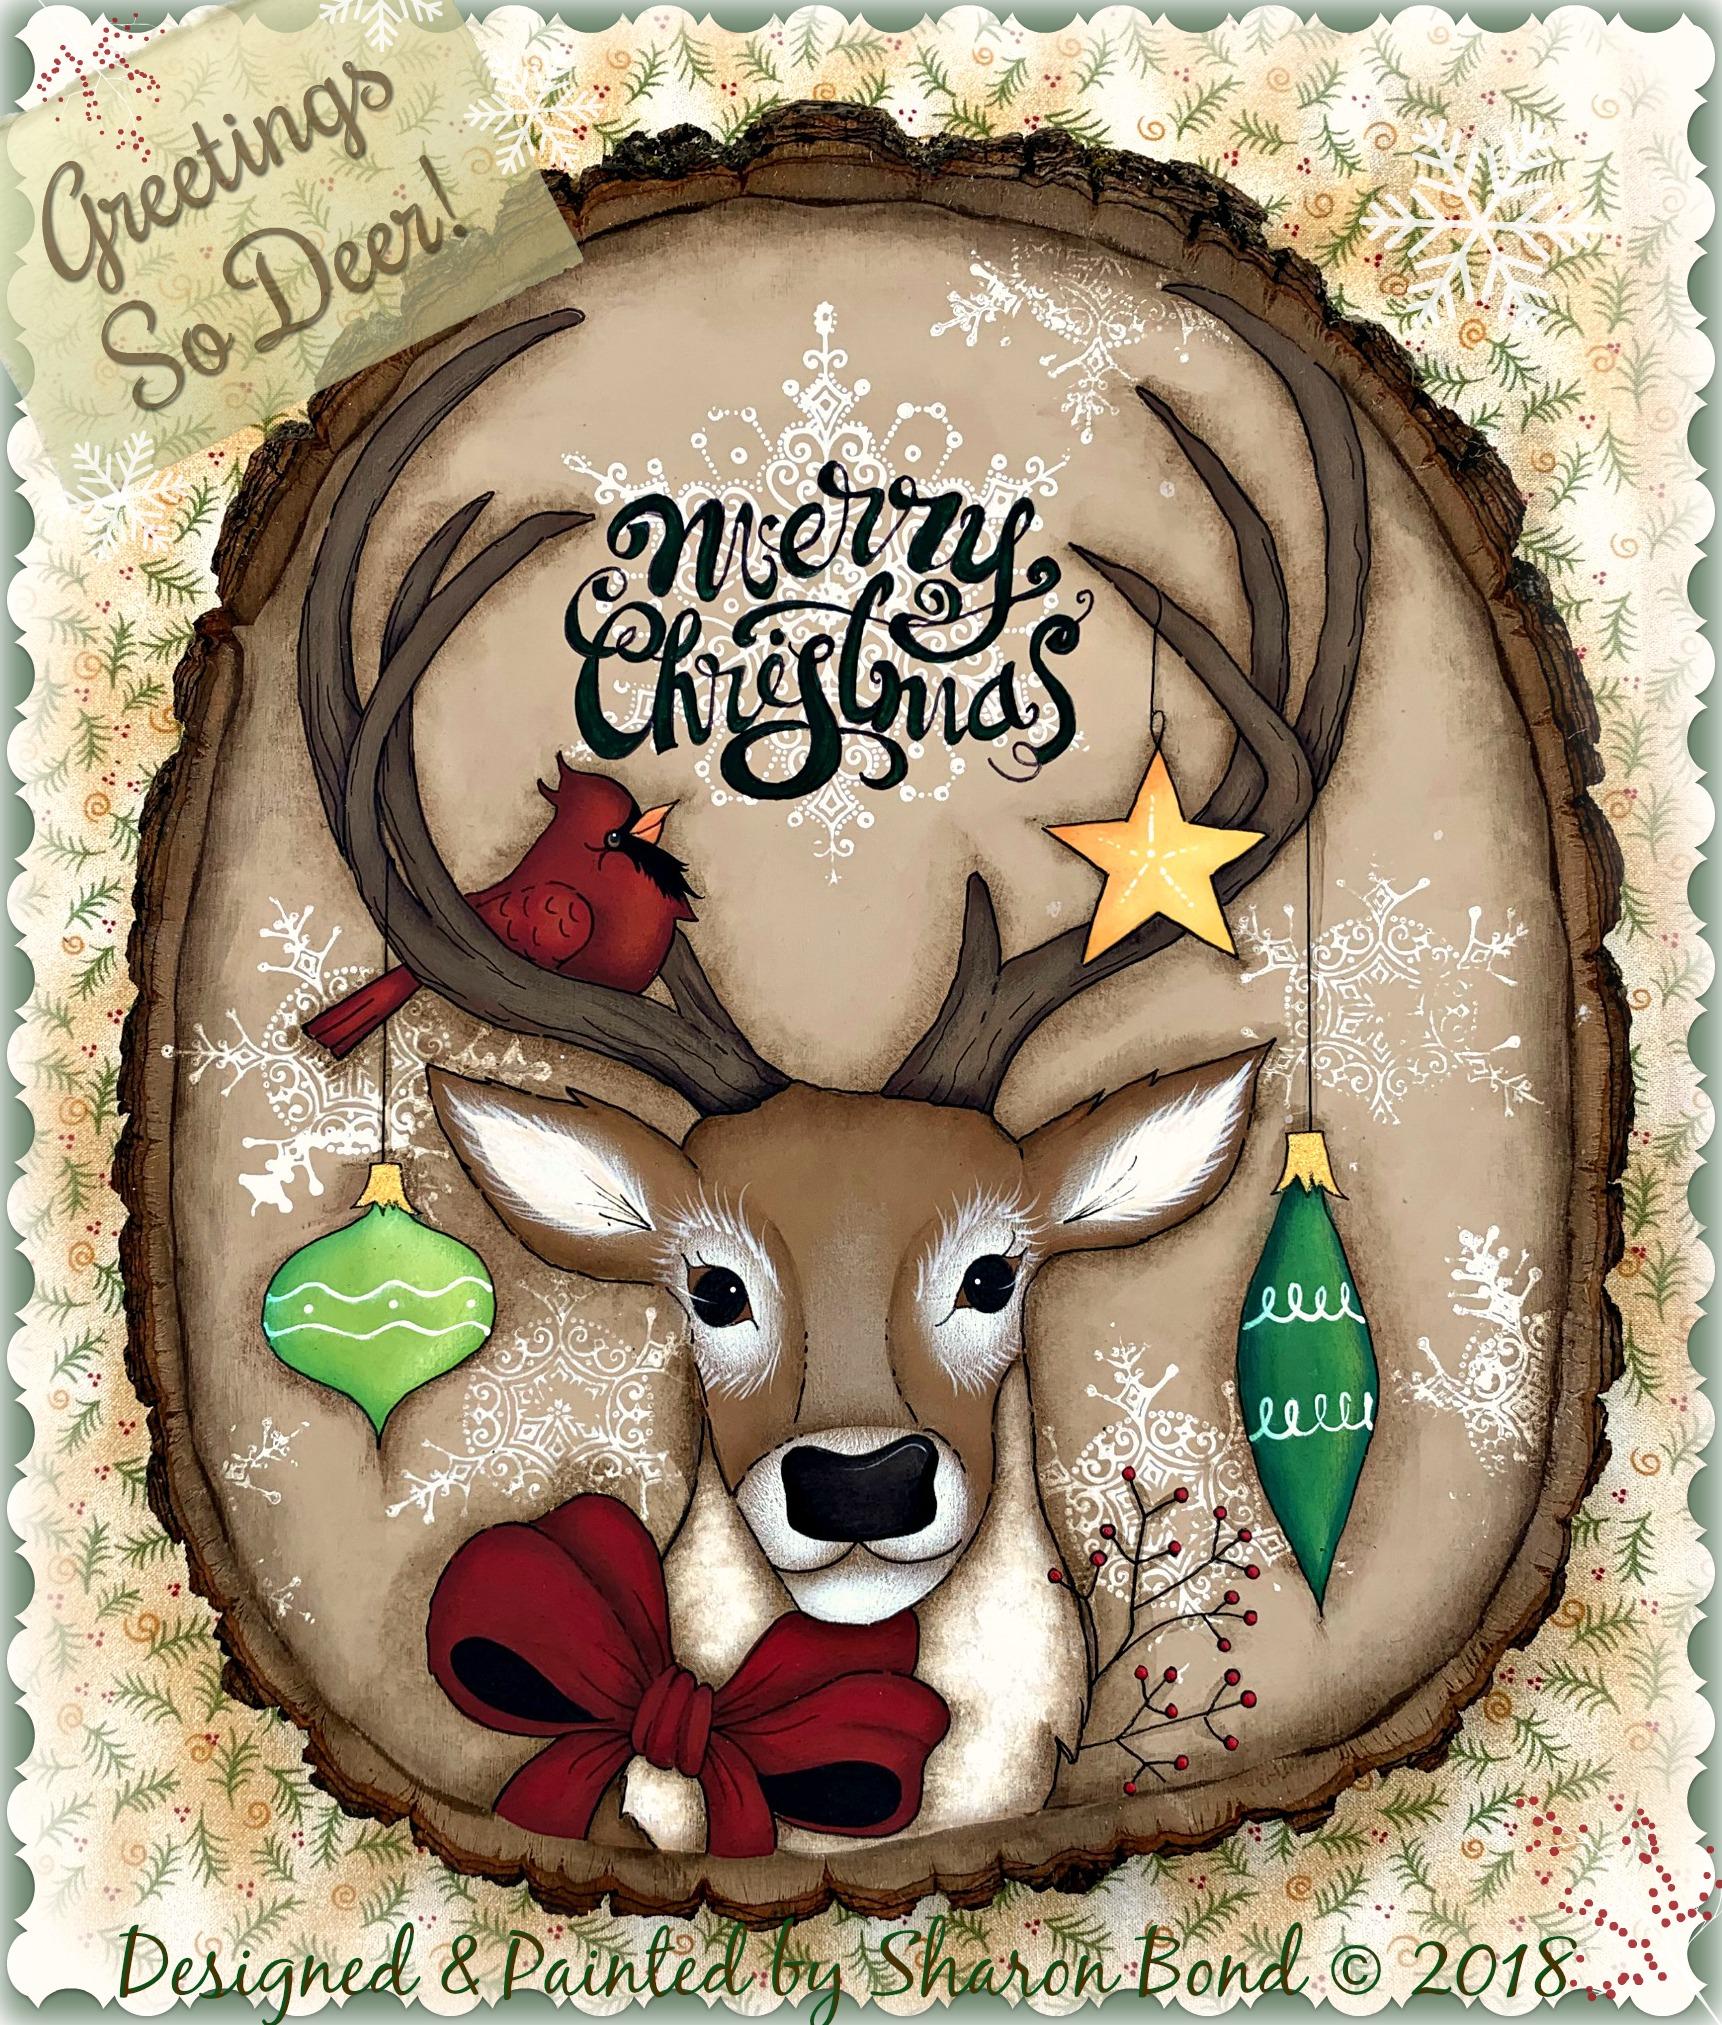 Greetings So Deer! - E-Packet - Sharon Bond